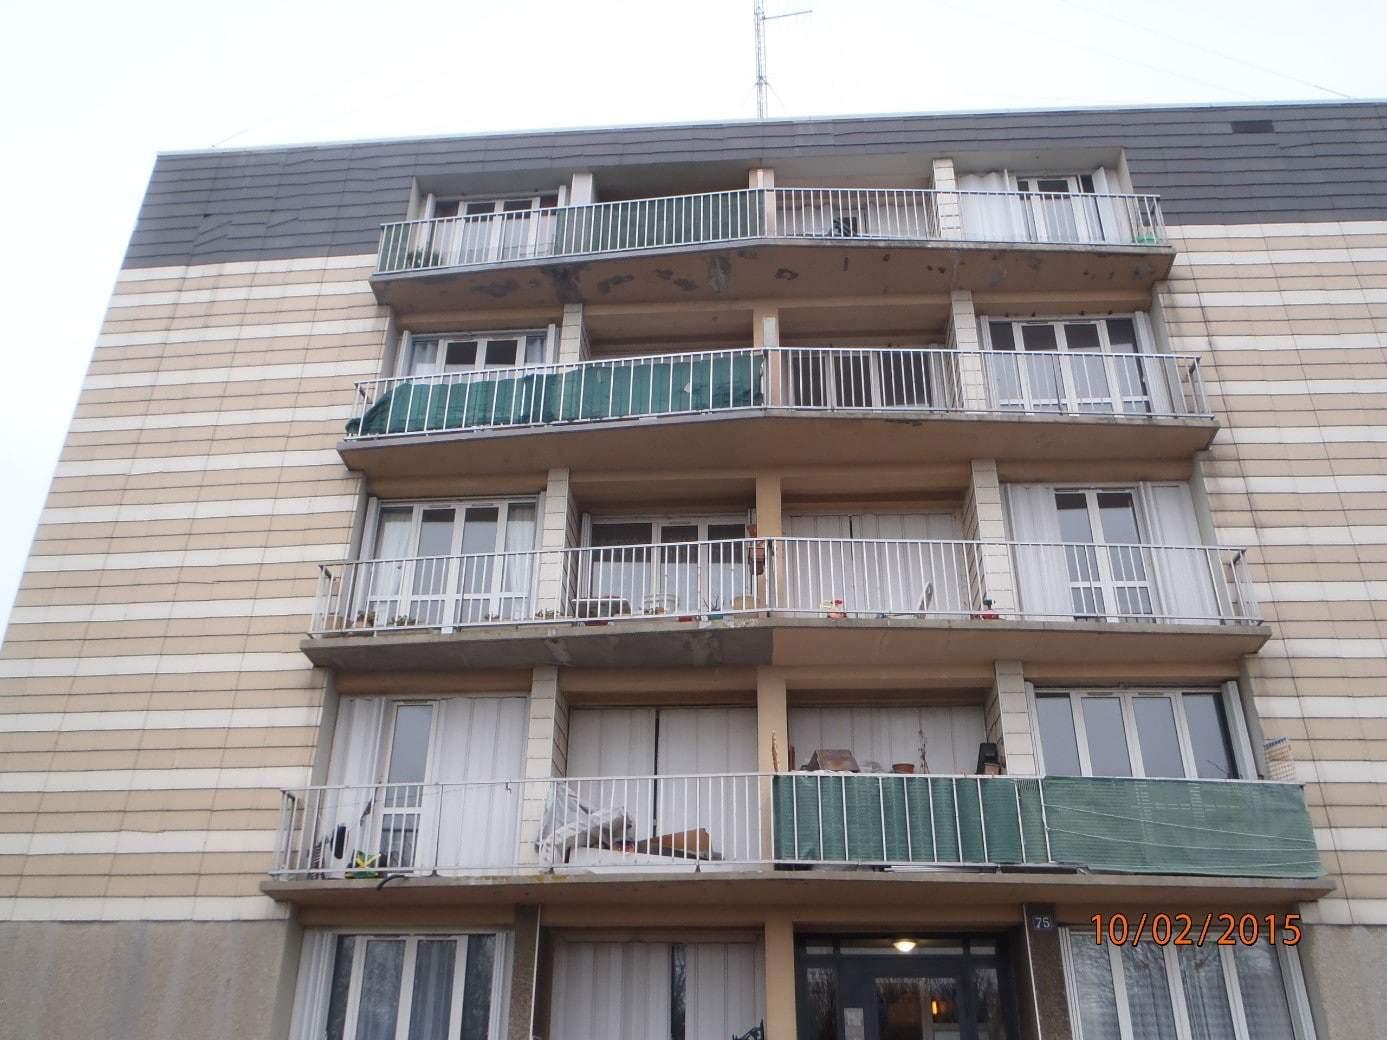 inspection de 75 balcons